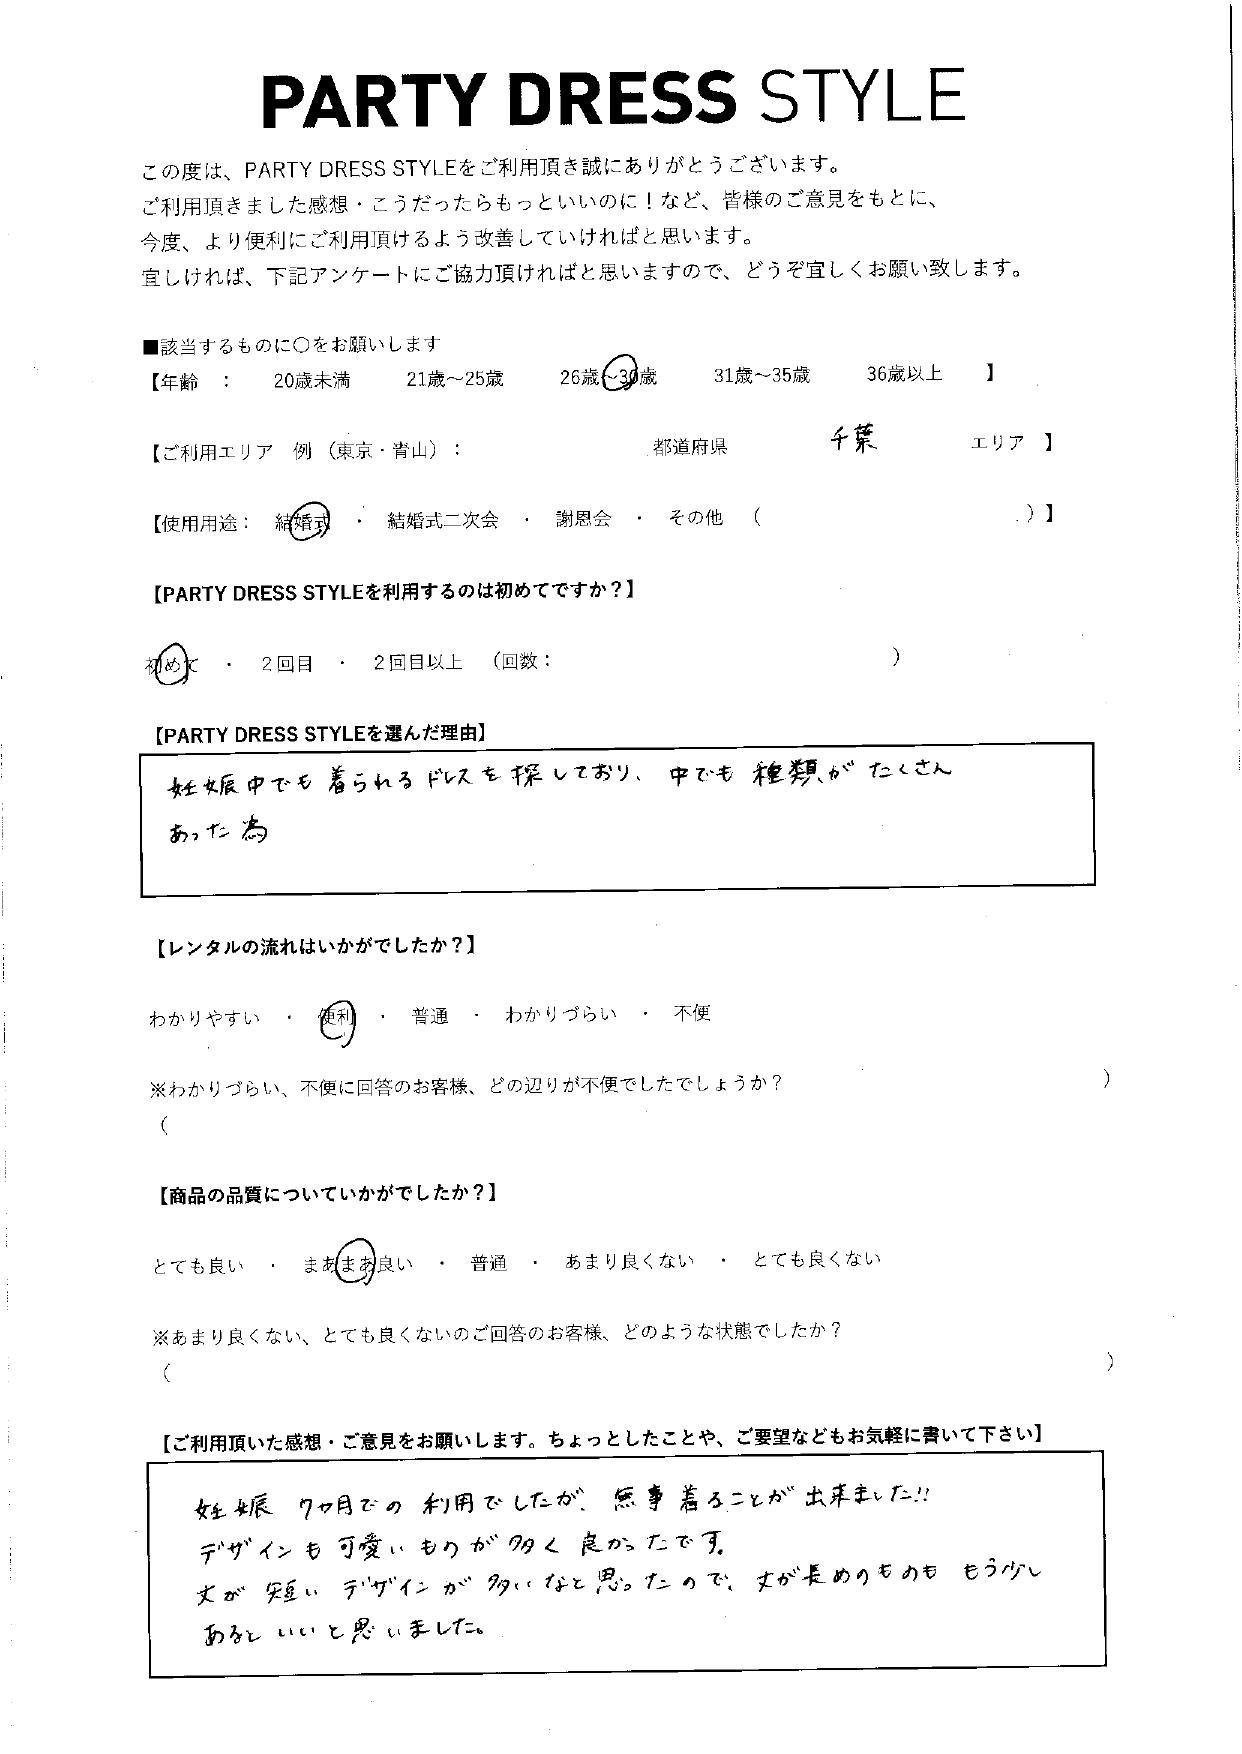 11/22結婚式ご利用 千葉エリア